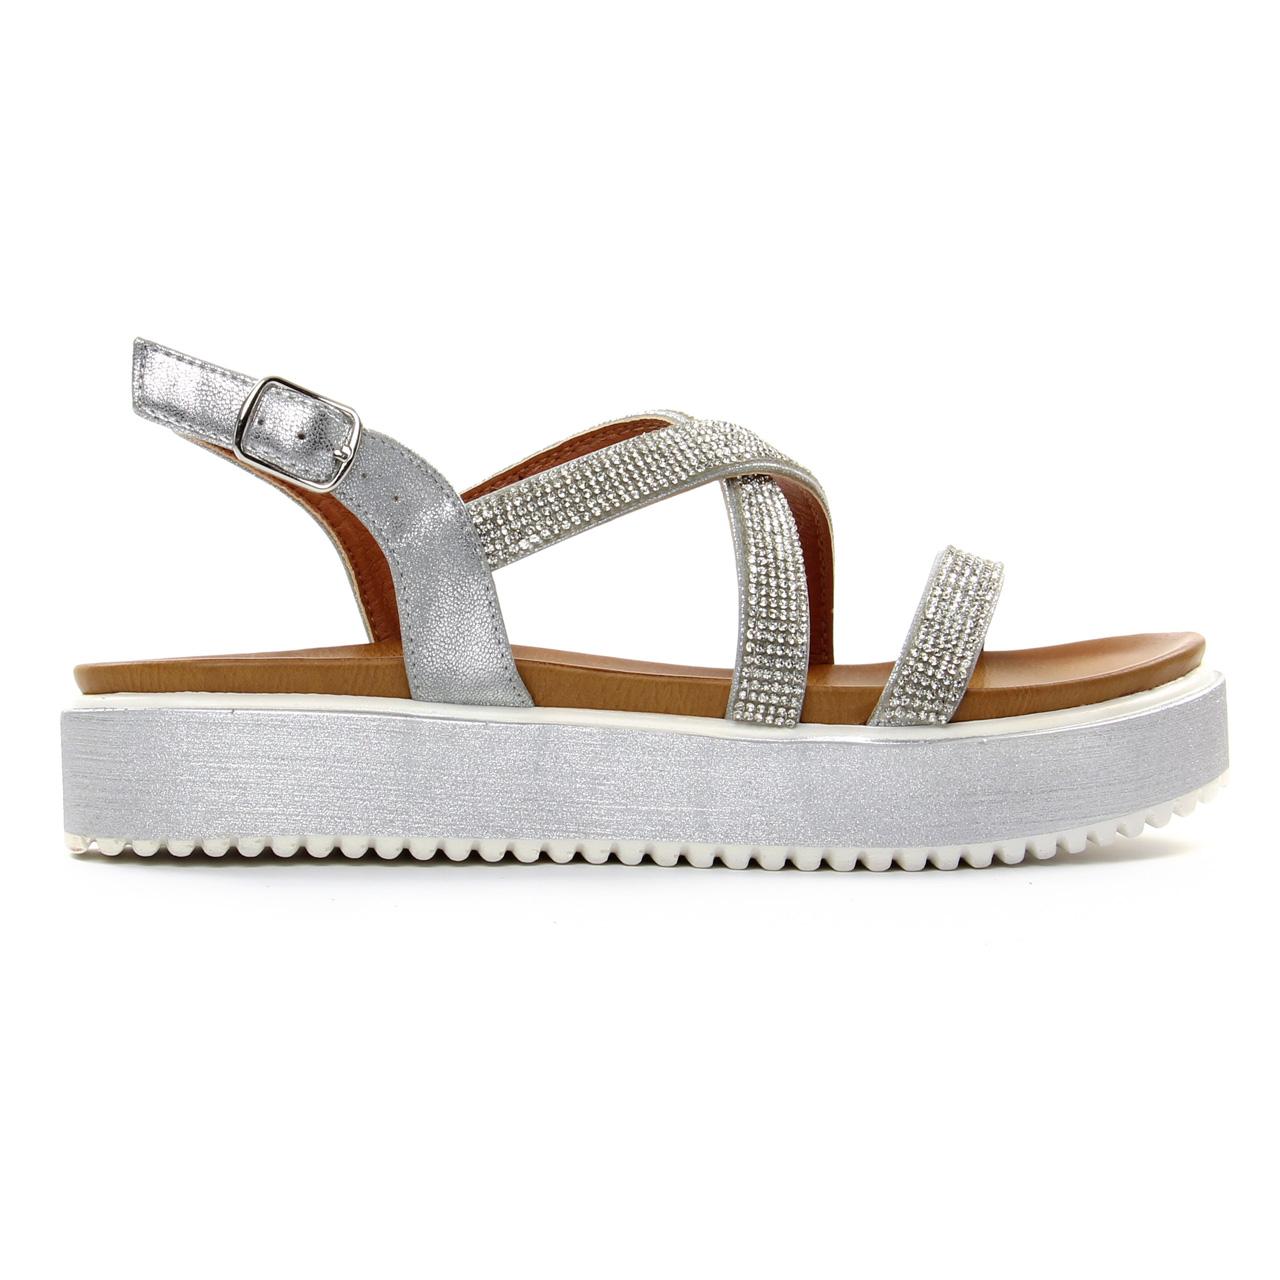 febe71cfc4c sandales compensées gris argent mode femme printemps été vue 2